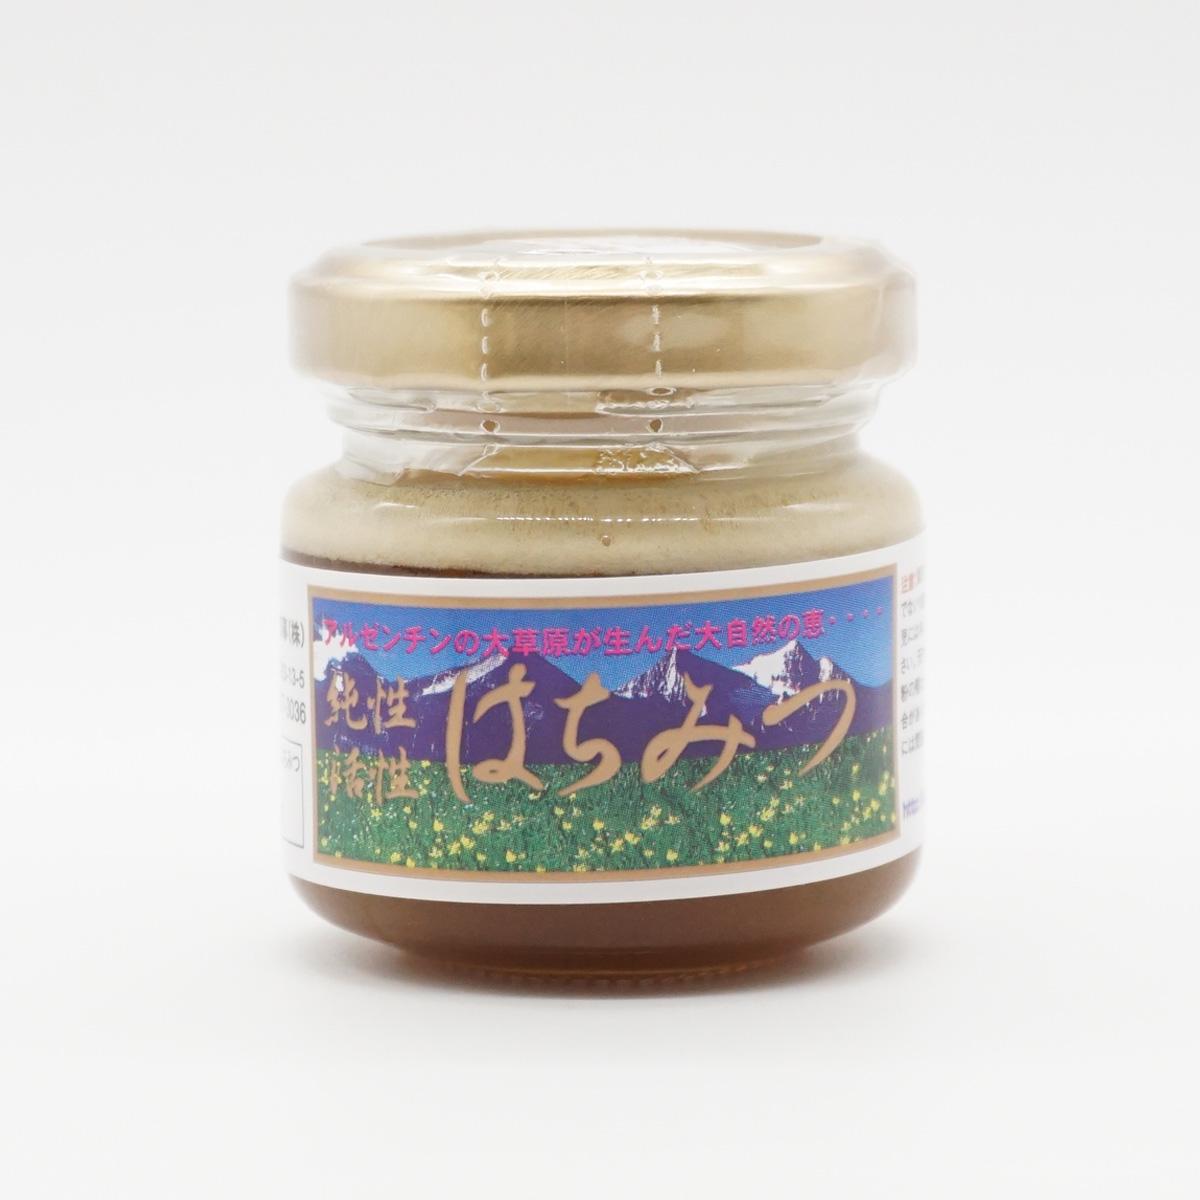 生はちみつ お試しサイズ 生蜂蜜 純活 沖縄のロハスな商品 40g 1着でも送料無料 初回限定 純正活性はちみつ アンディーノ